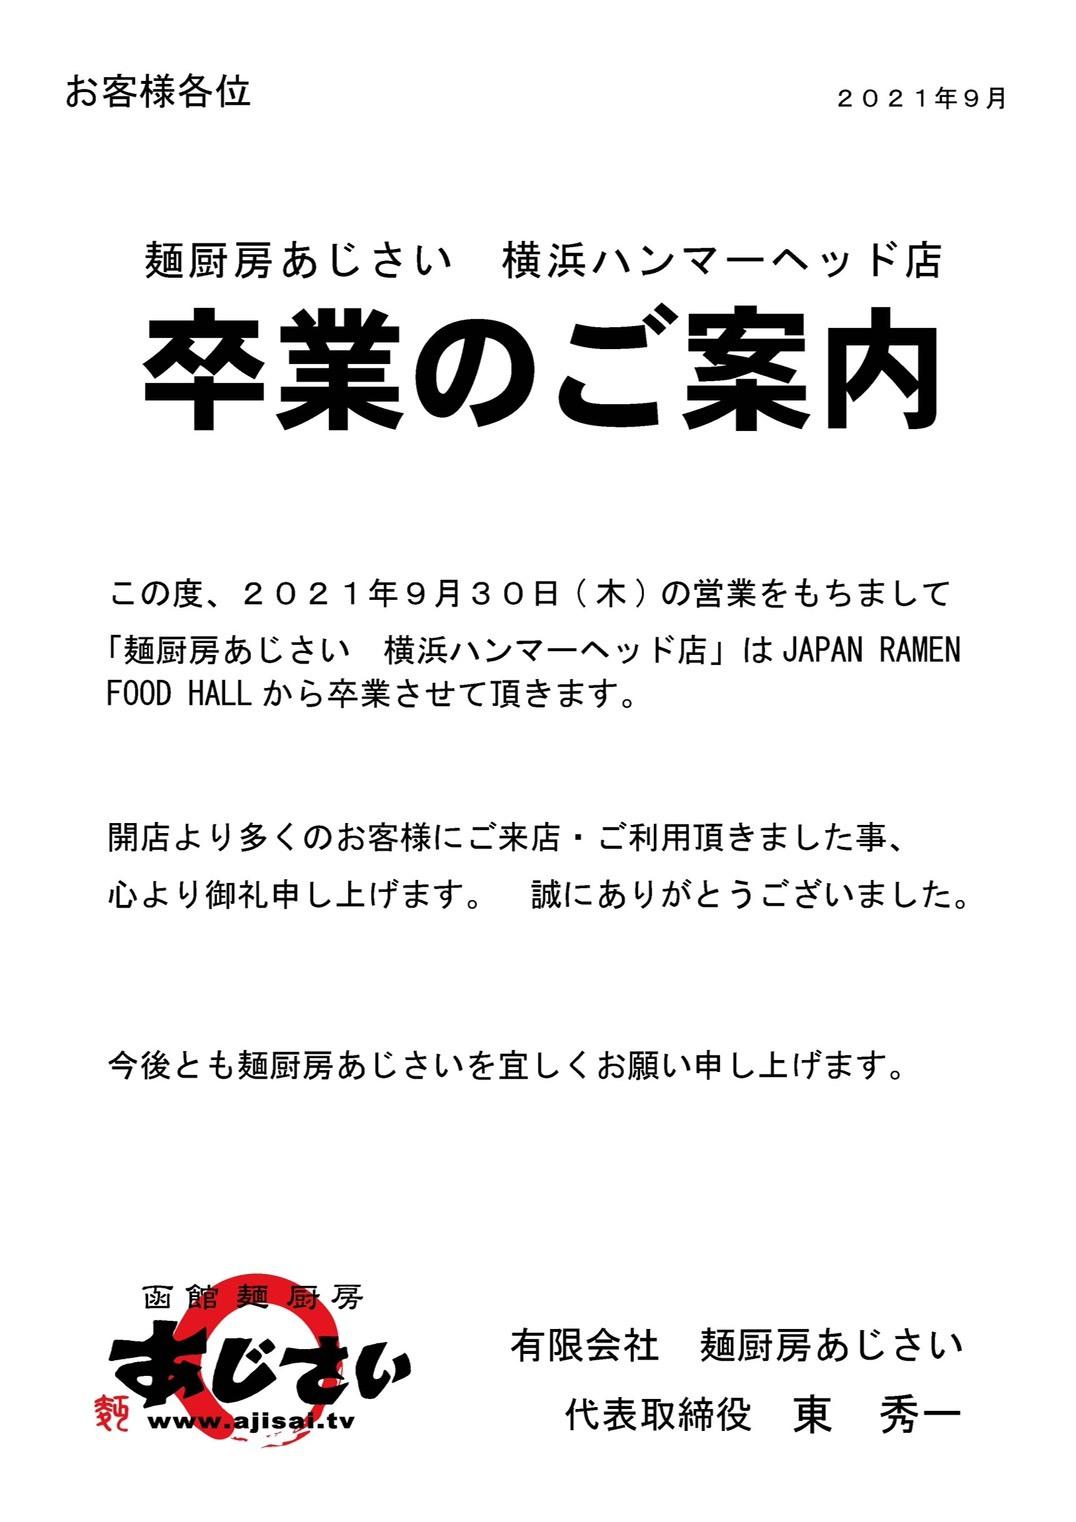 あじさい横浜展より重要なお知らせです_f0186373_12575763.jpg